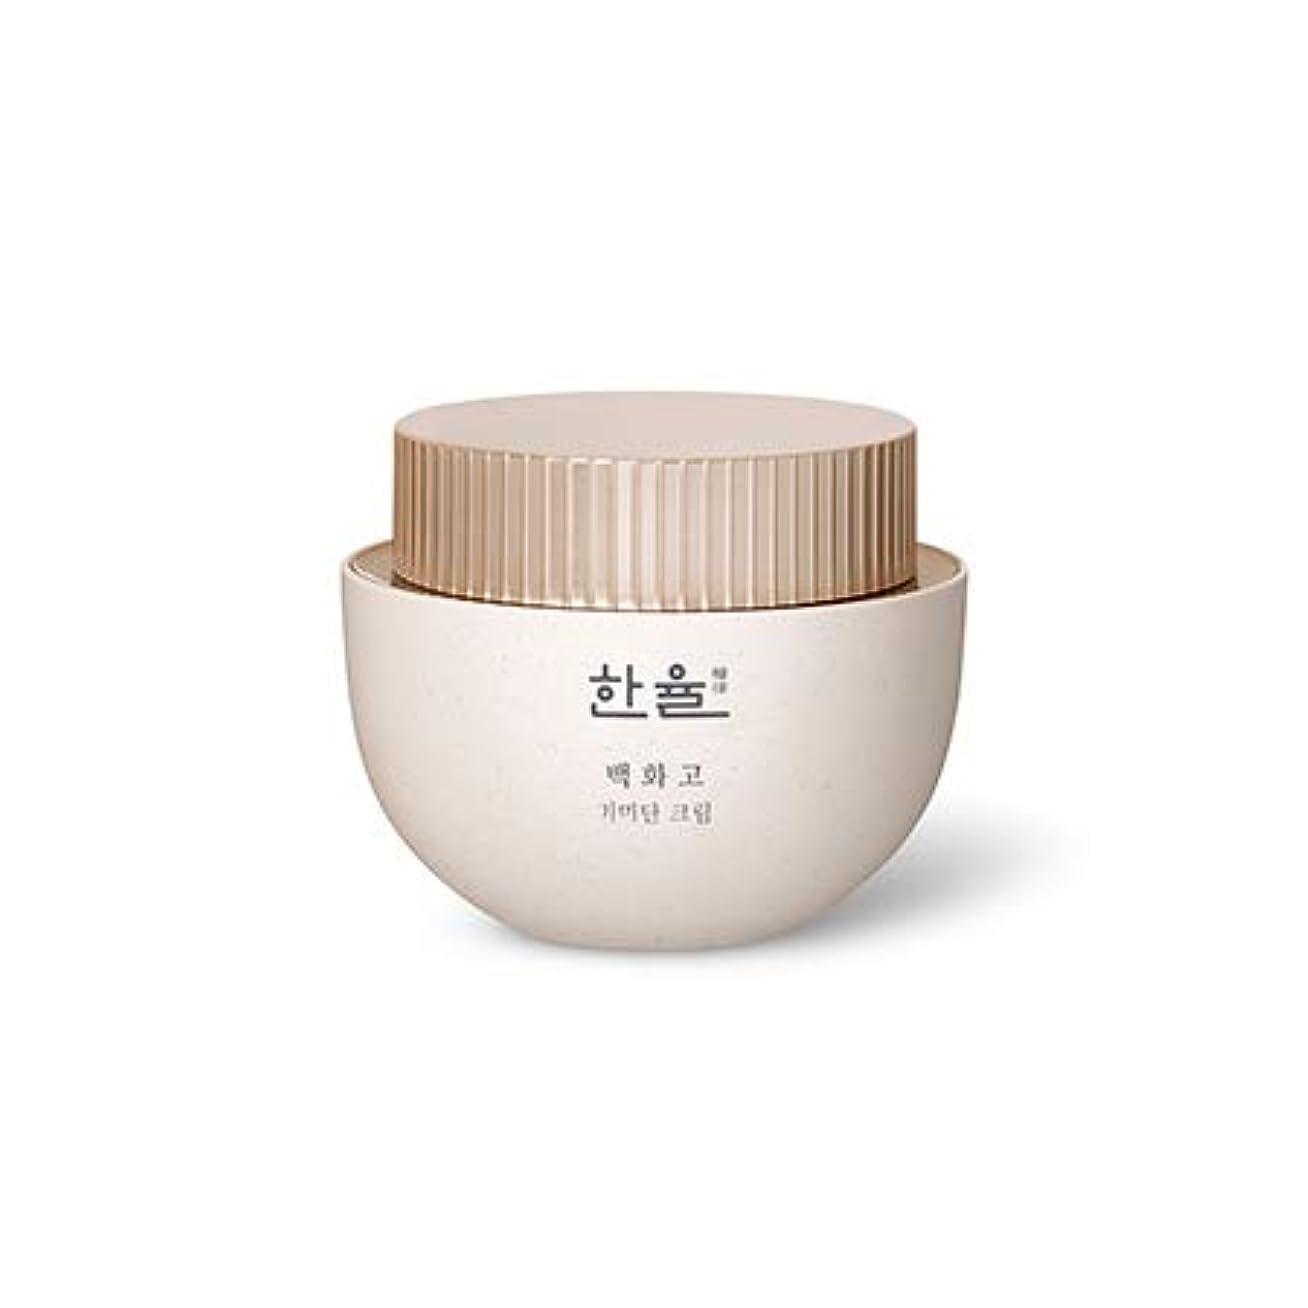 バイオリニストファイアル同化[ハンユル.HANYUL]ベクファゴシミ段クリームHanyul Baek Hwa Goh Anti-Aging Cream(シミ、くすみなどの老化の兆候をケア)